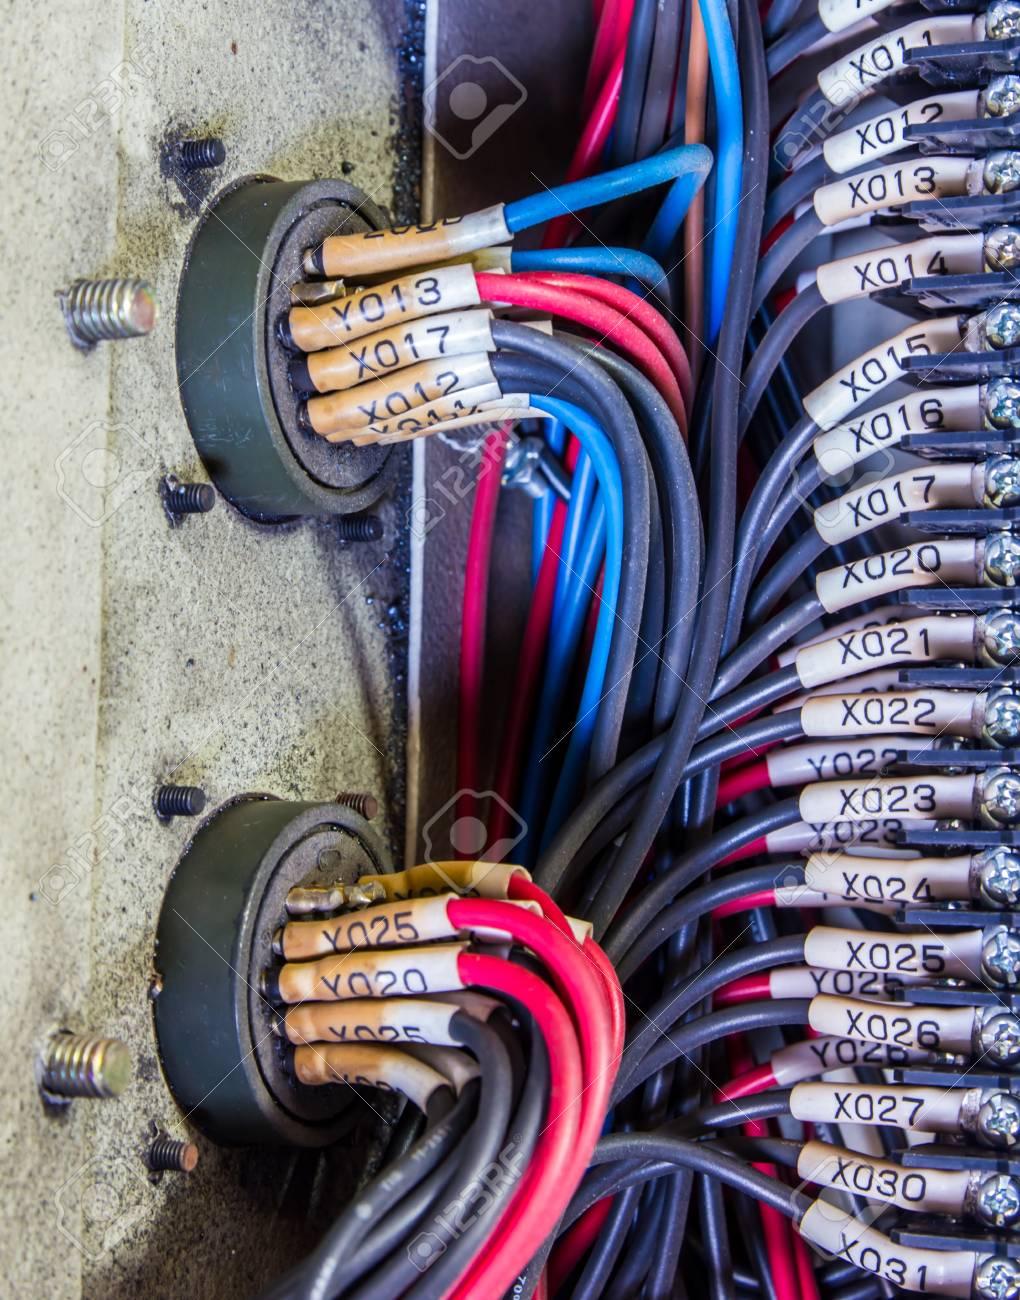 Verdrahtung - Programm Control Panel Mit Drähten In Der Industrie ...